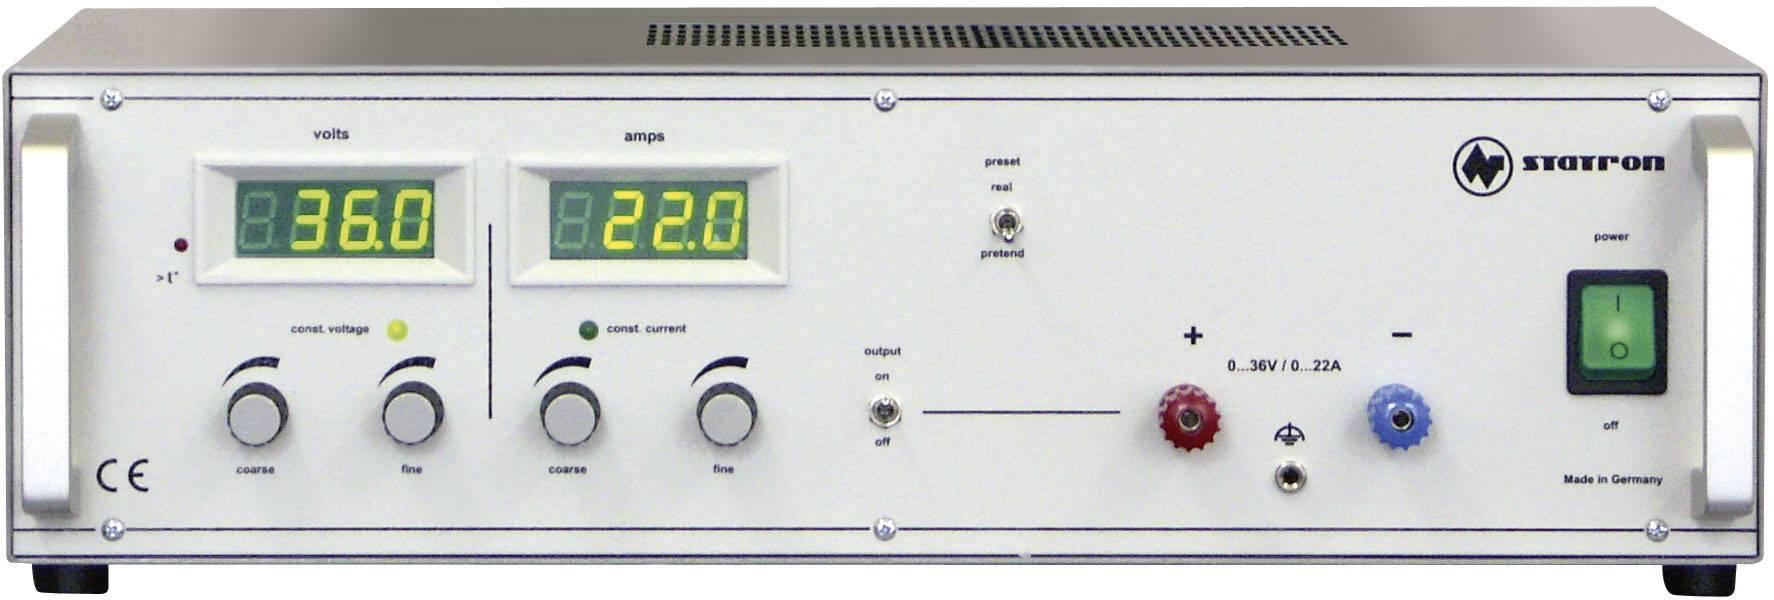 Lineárny laboratórny zdroj Straton 3254.1, 0 - 36 V, 0 - 22 A